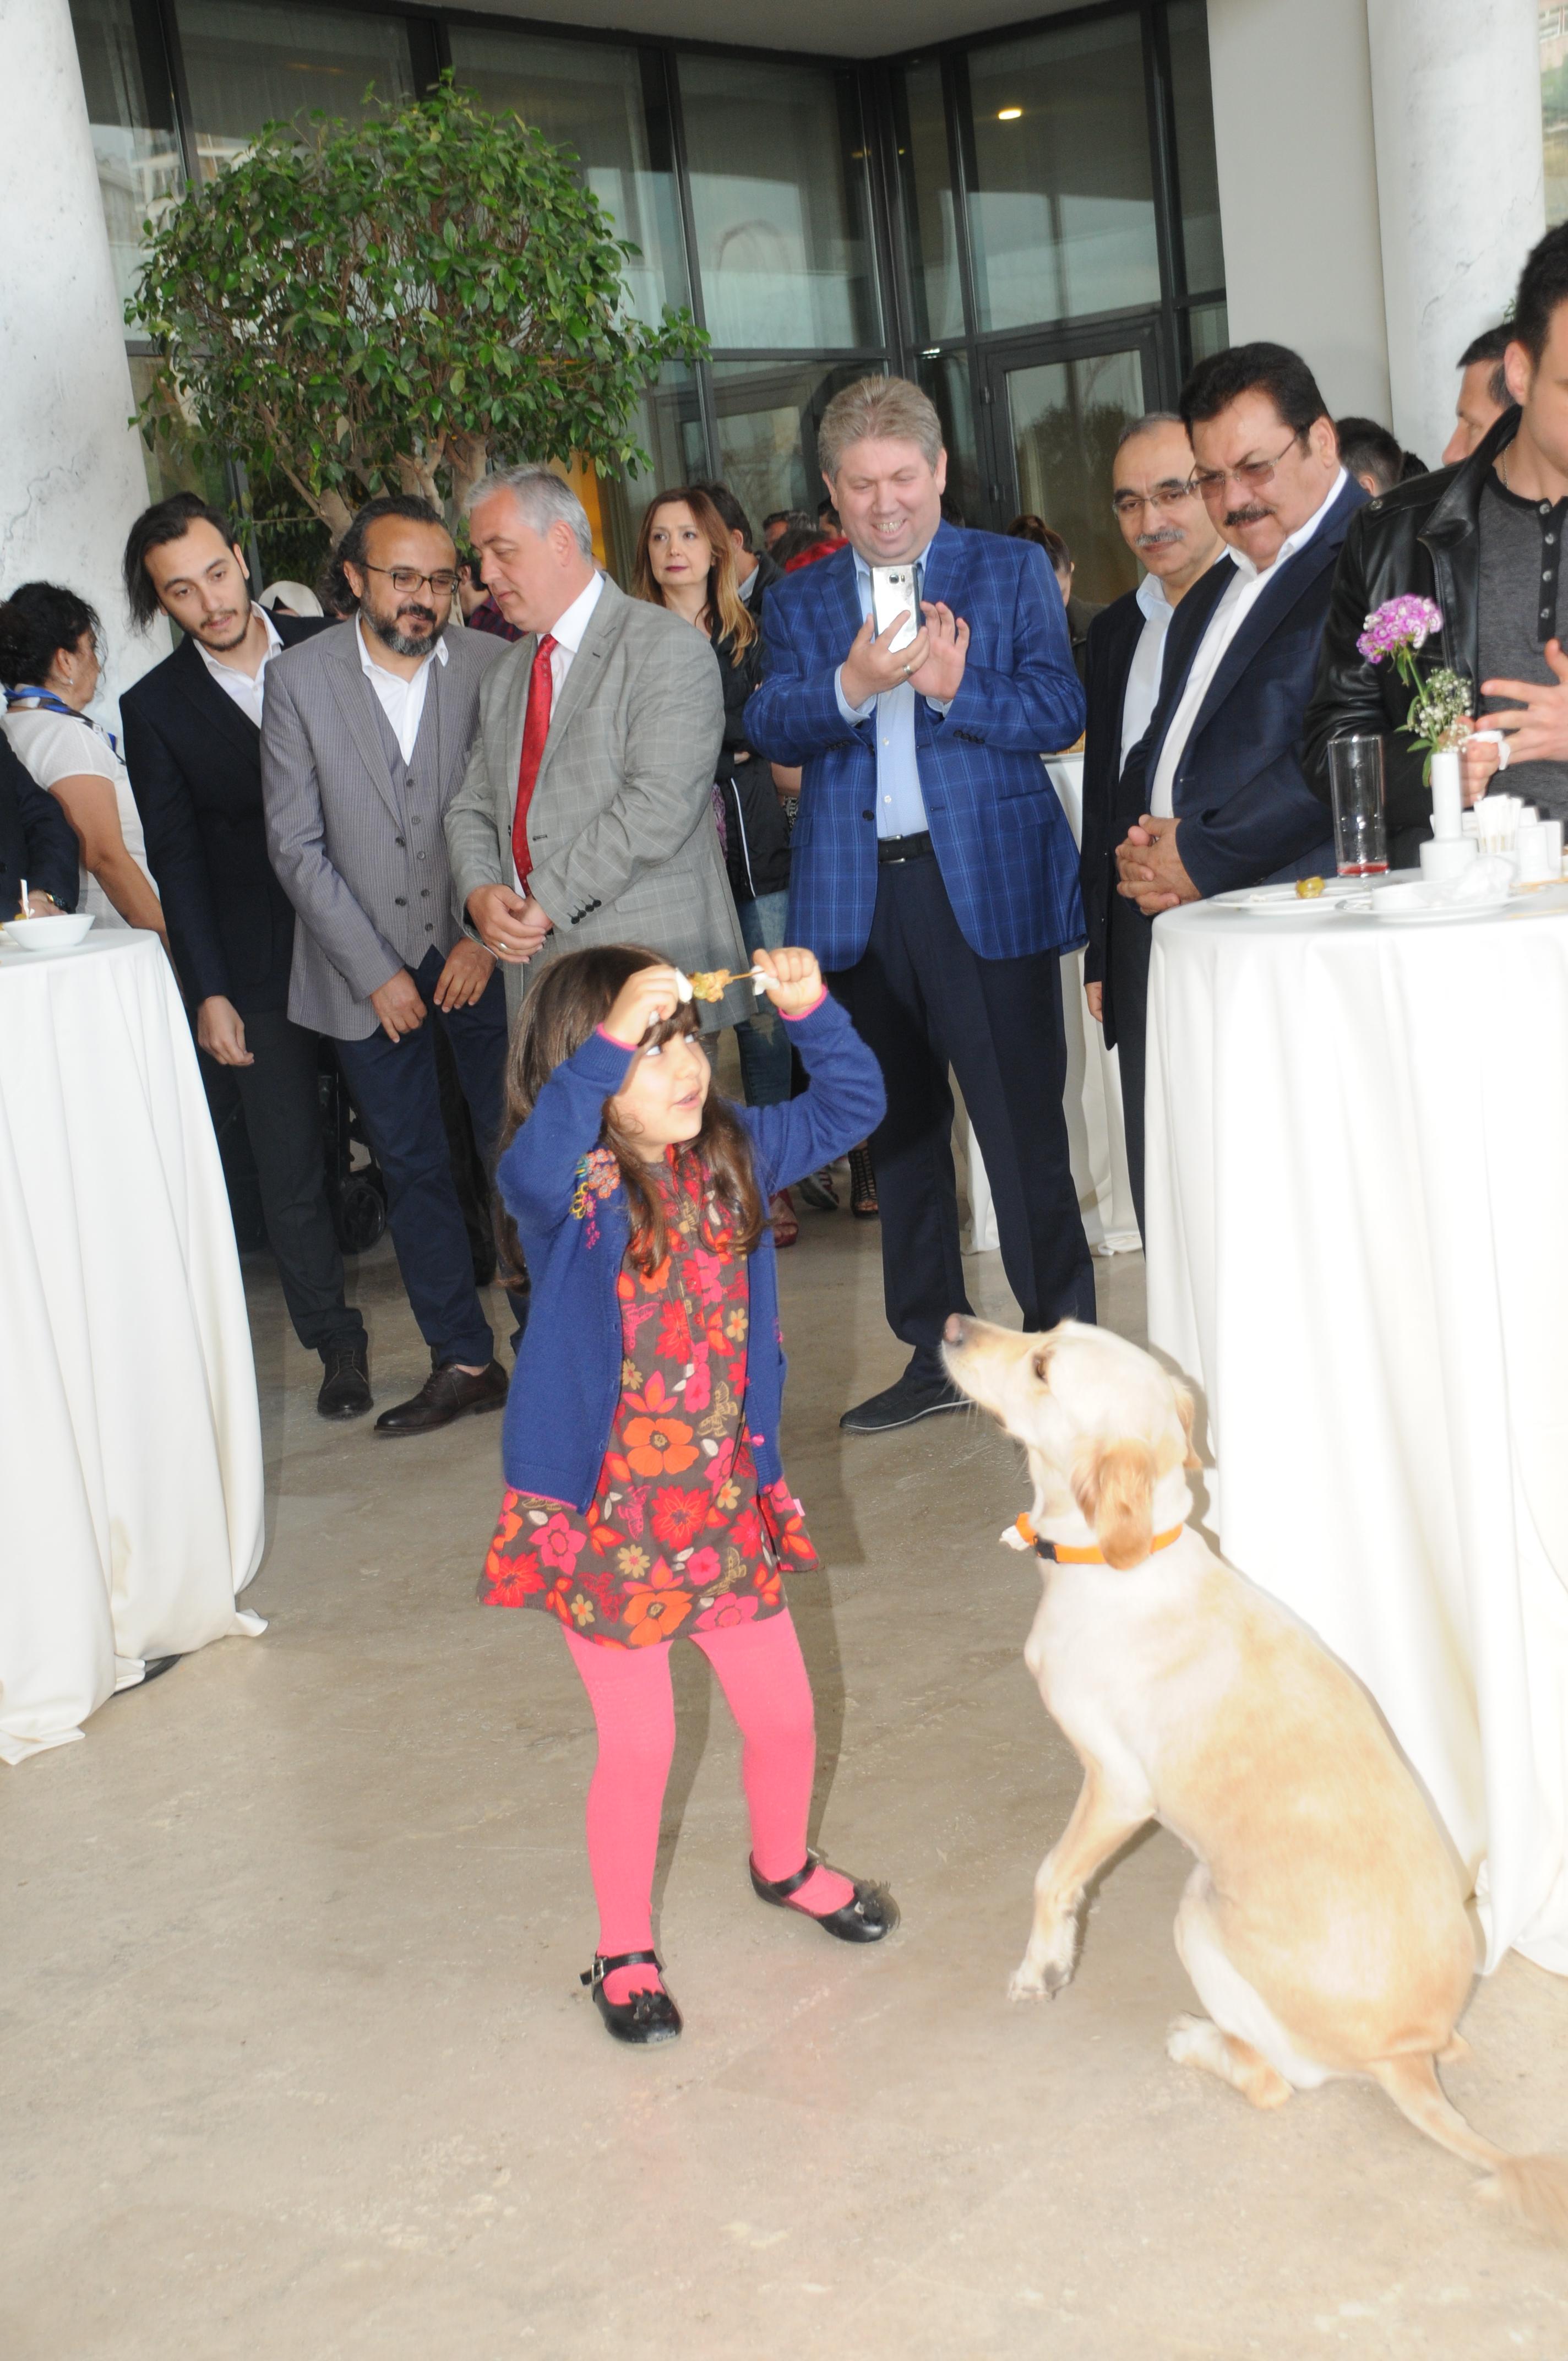 Filmin özel gösterimi öncesi konuklar ile bir araya gelen sokak köpekleri Bal ile Betty en çok çocuk hayranlarının ilgisini çekti. Kokteyl boyunca İstanbul Vialand Palace Hotel'in terası Patilerin ve çocukların koşuşturma alanına döndü. Konukların ve çocukların yoğun ilgisiyle karşı karşıya kalan köpeklerin mutluluğu yüzlerinden okunuyordu.